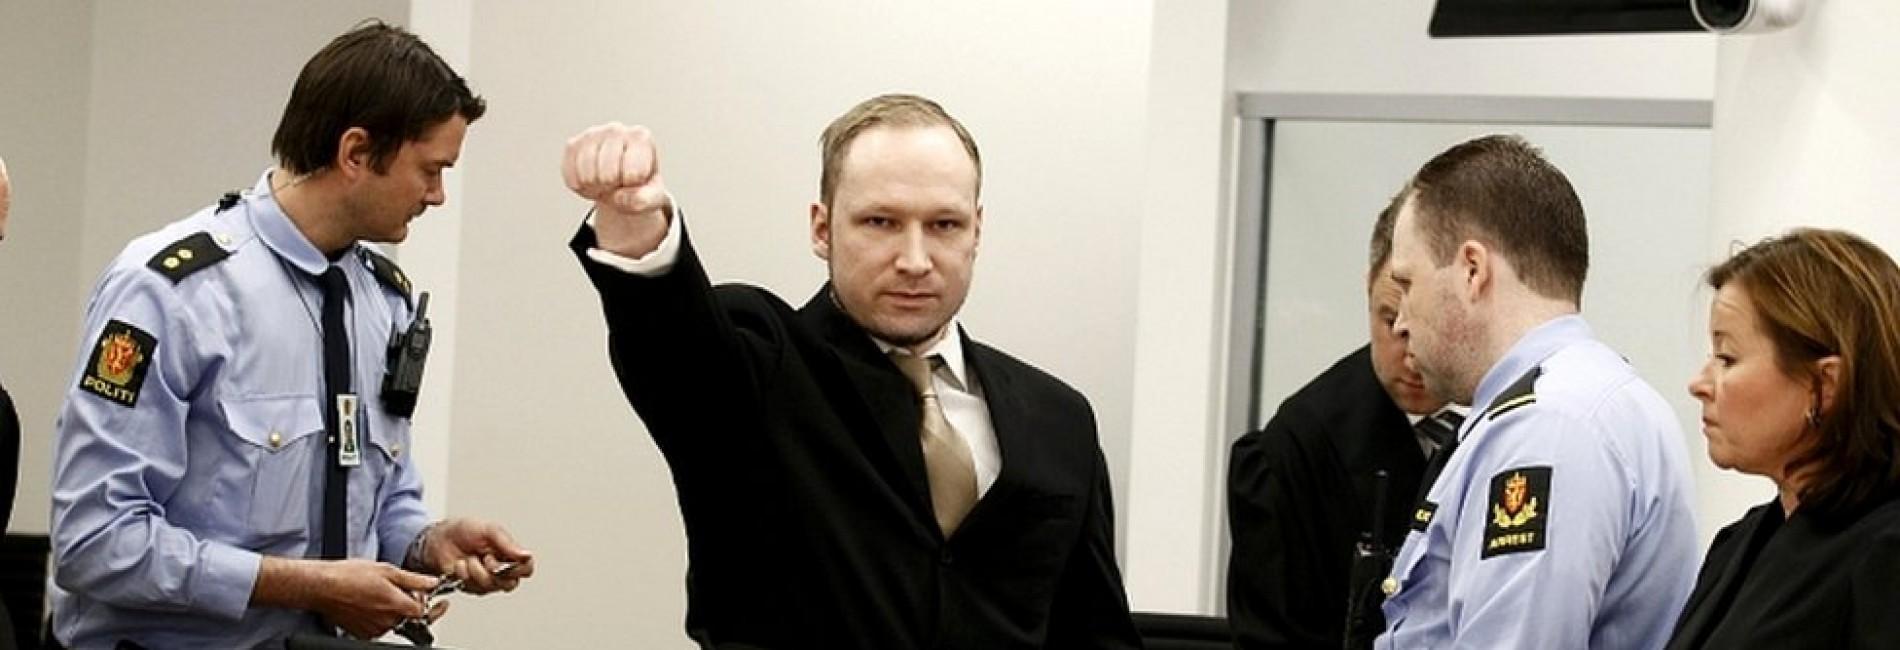 breivik_rtr